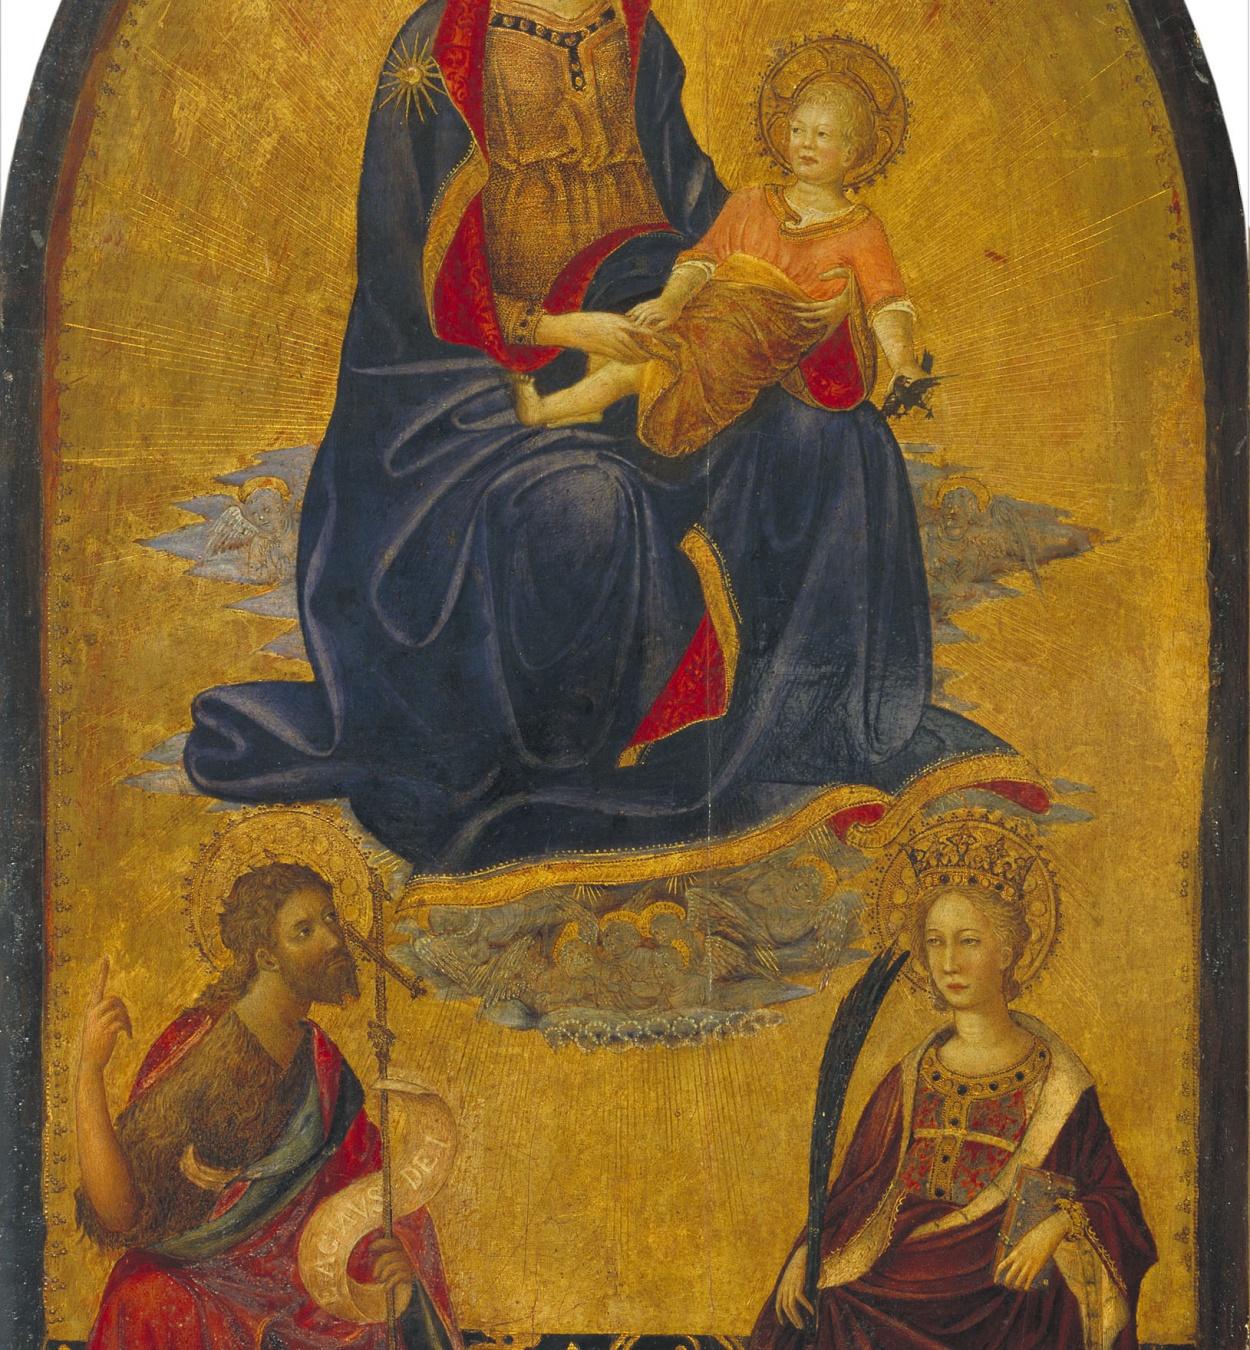 Gherardo Starnina - Mare de Déu amb el Nen Jesús adorat per sant Joan Baptista i santa Caterina - Finals del segle XIV – inicis del segle XV